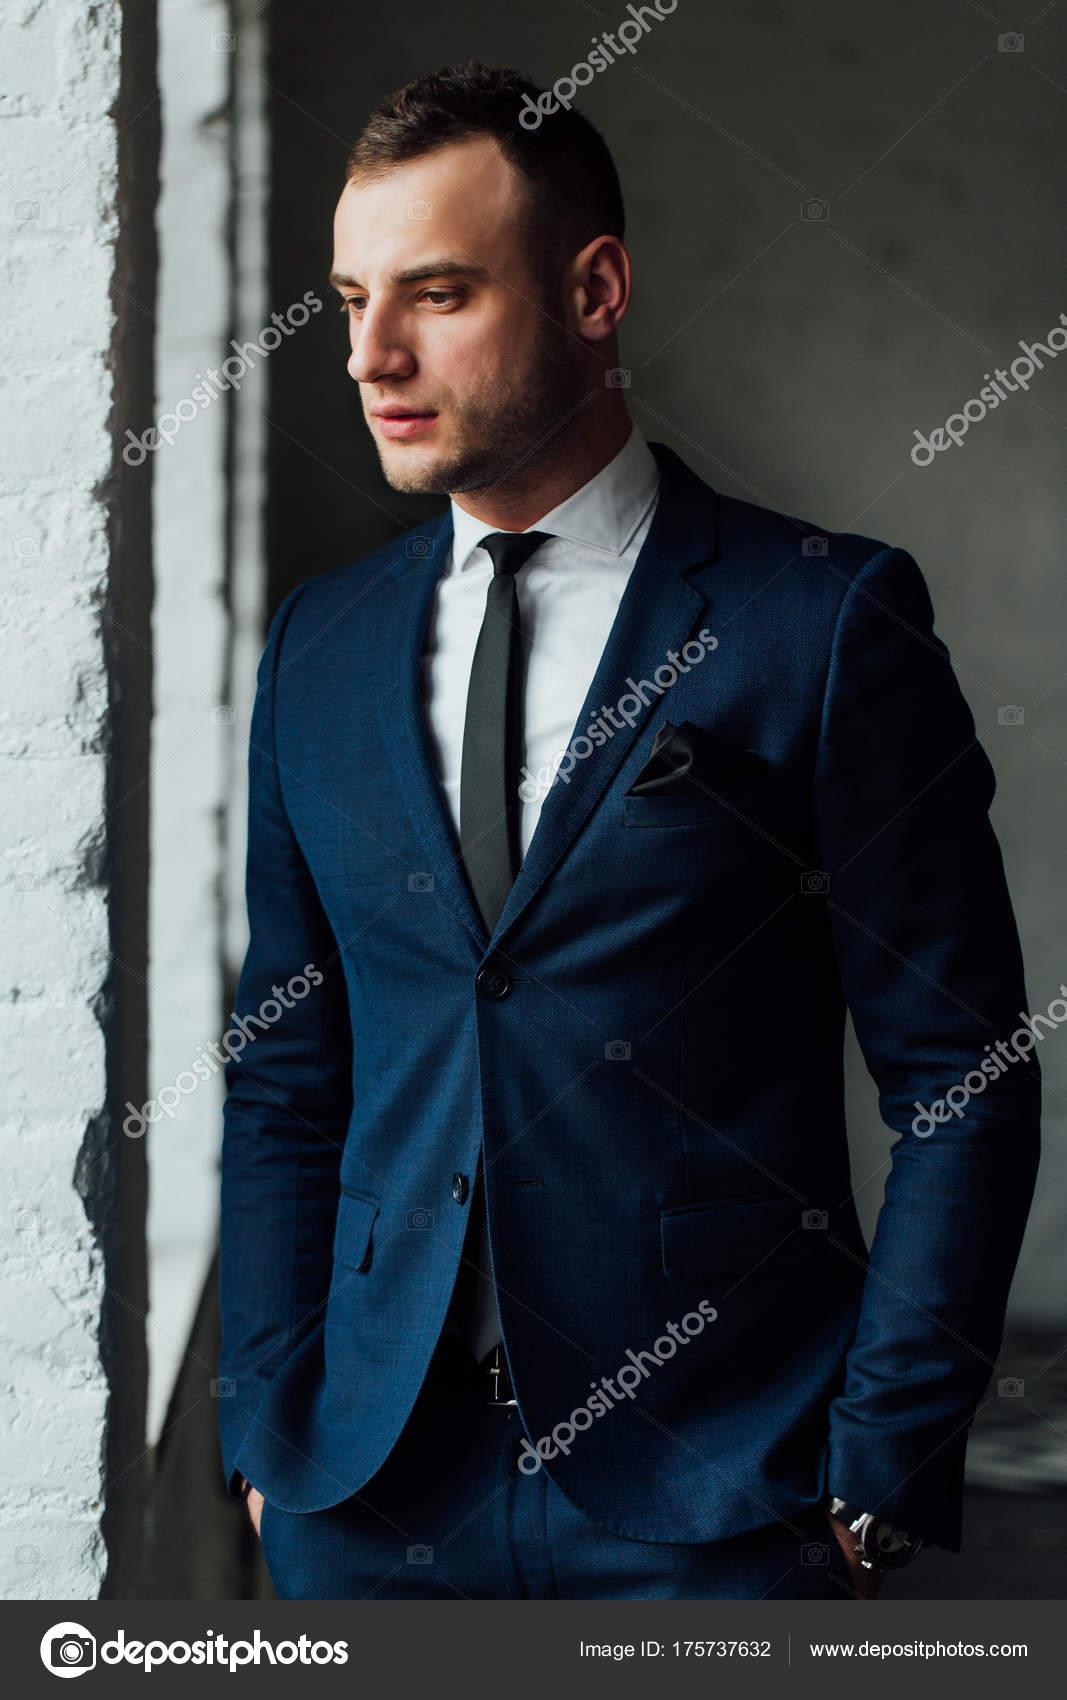 Attraktive Und Selbstbewusste Jungunternehmer Im Blauen Anzug Und